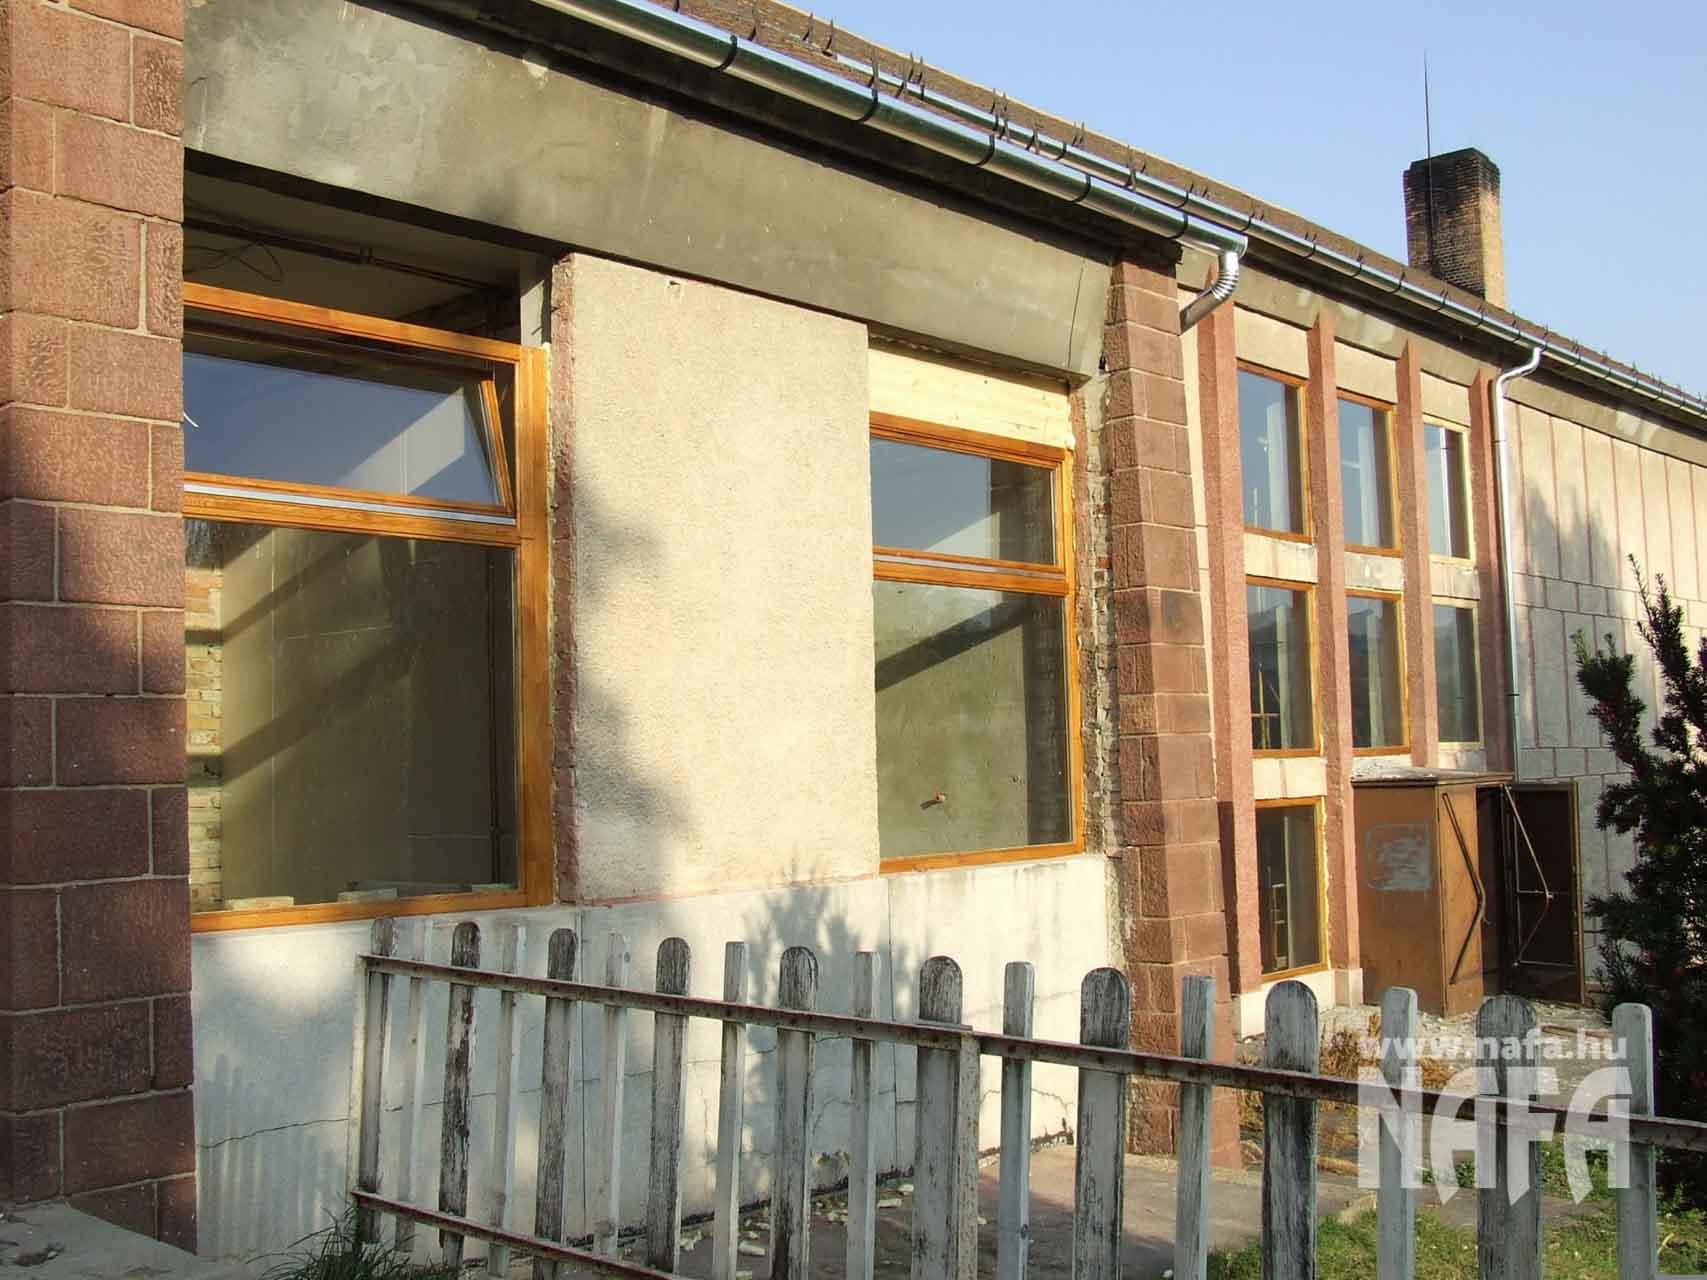 Fa nyílászárók, egyedi festett ablakok és bejáratajtó, Tab Közintézmény